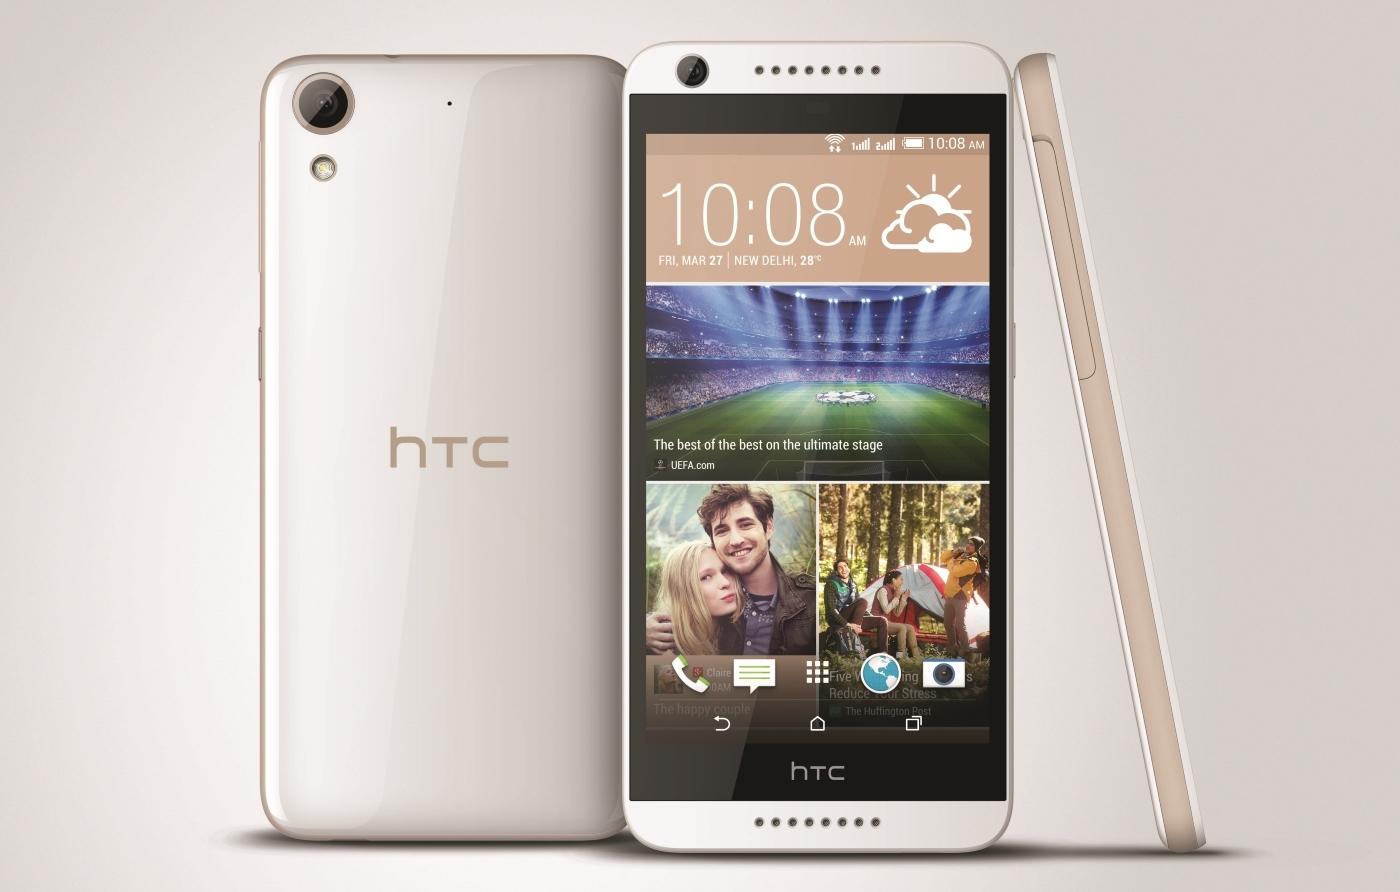 HTC,インド市場向けオクタコアプロセッサー搭載「Desire 626G +」を発表